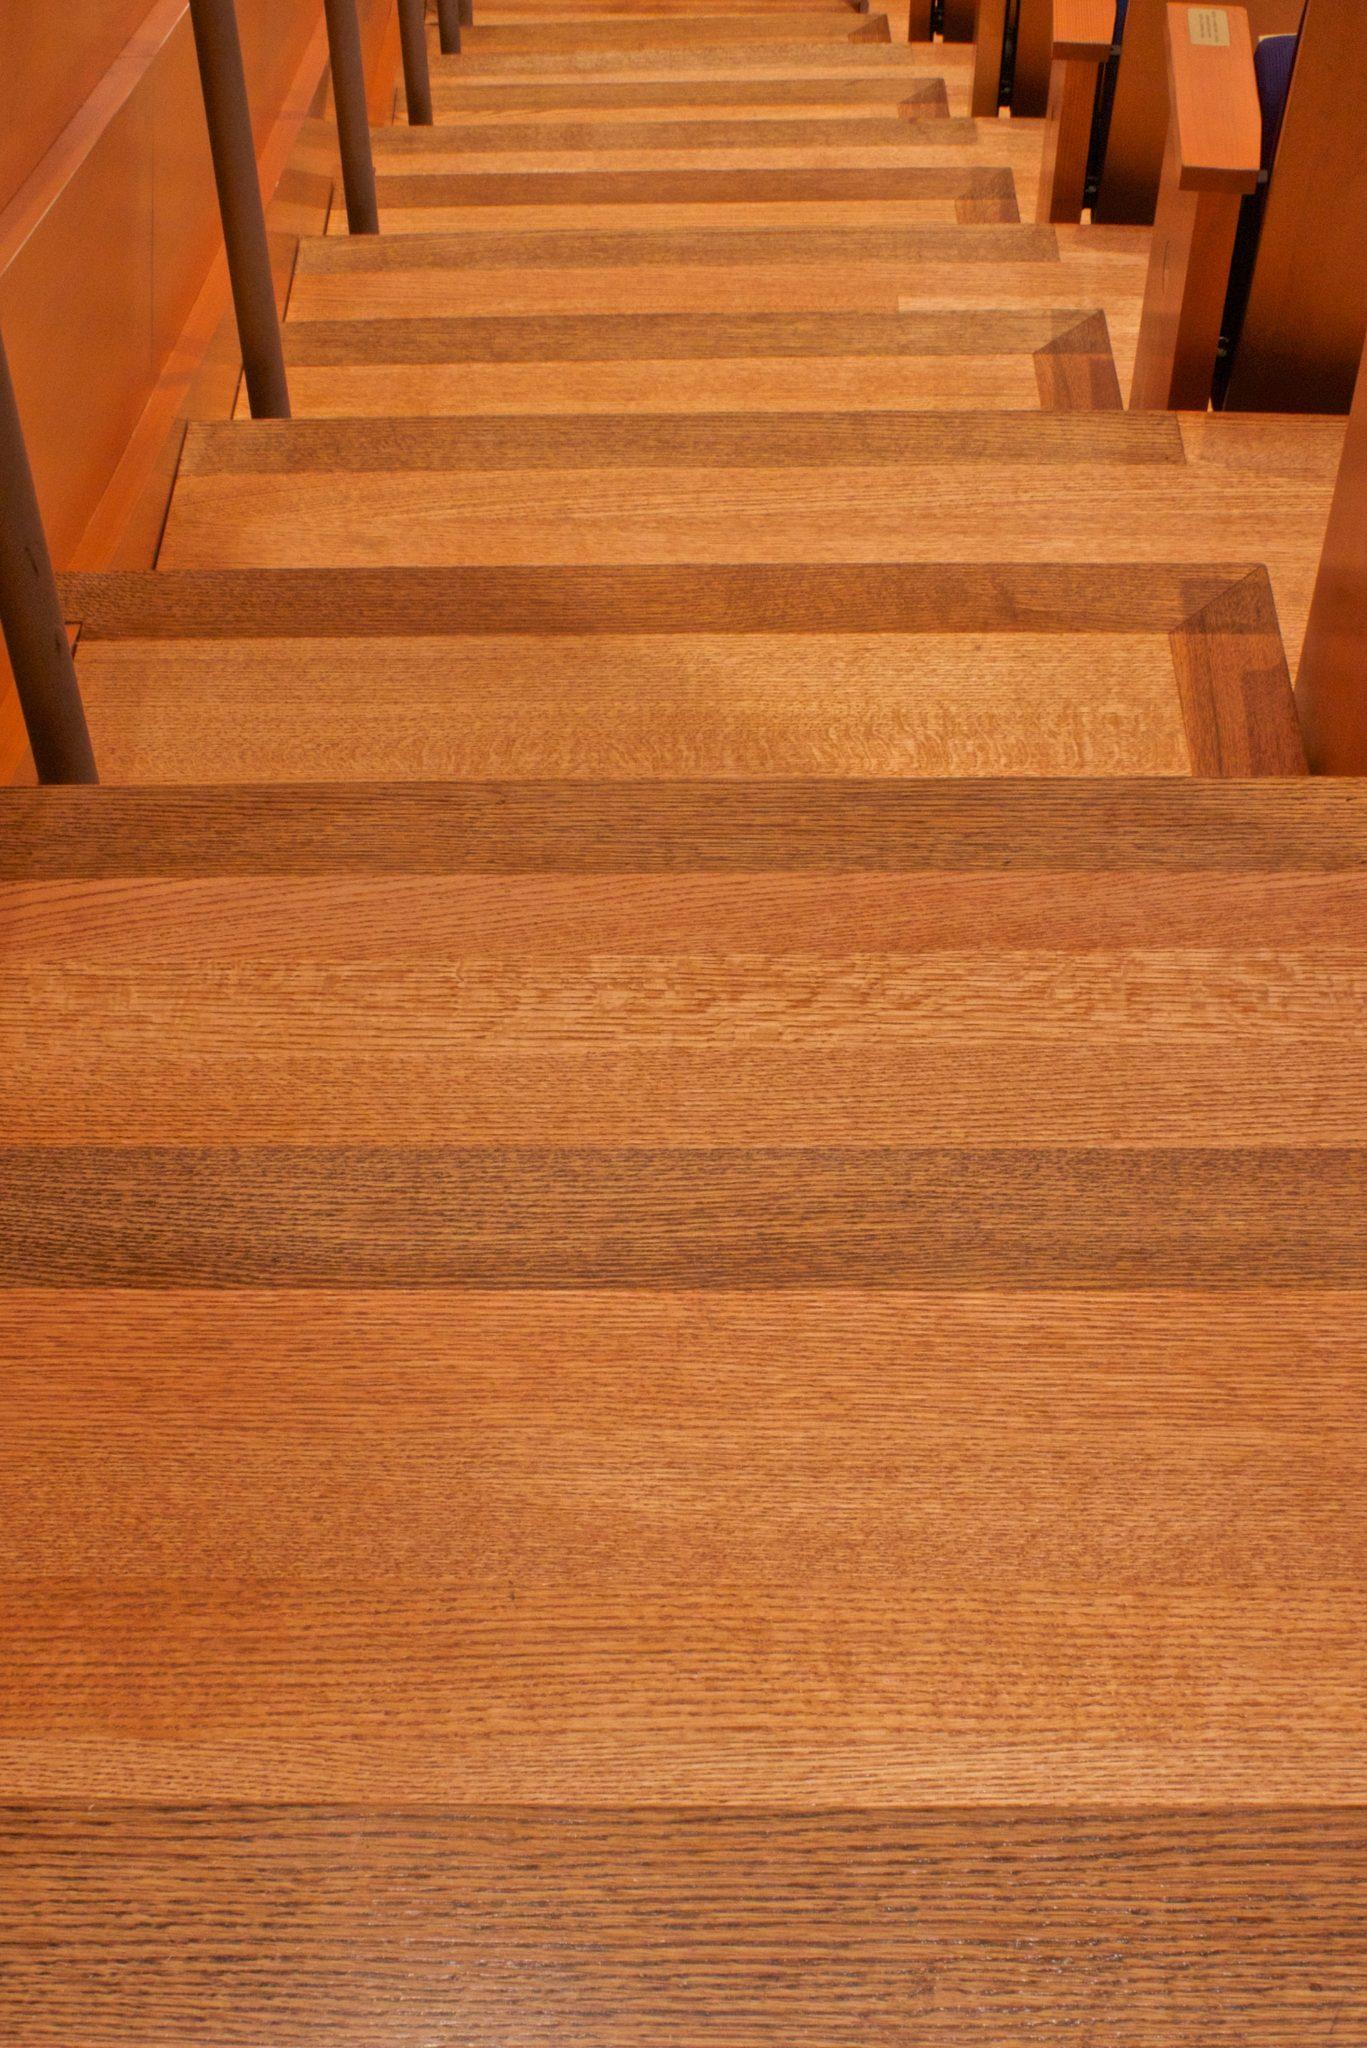 kauffman-stairs-2